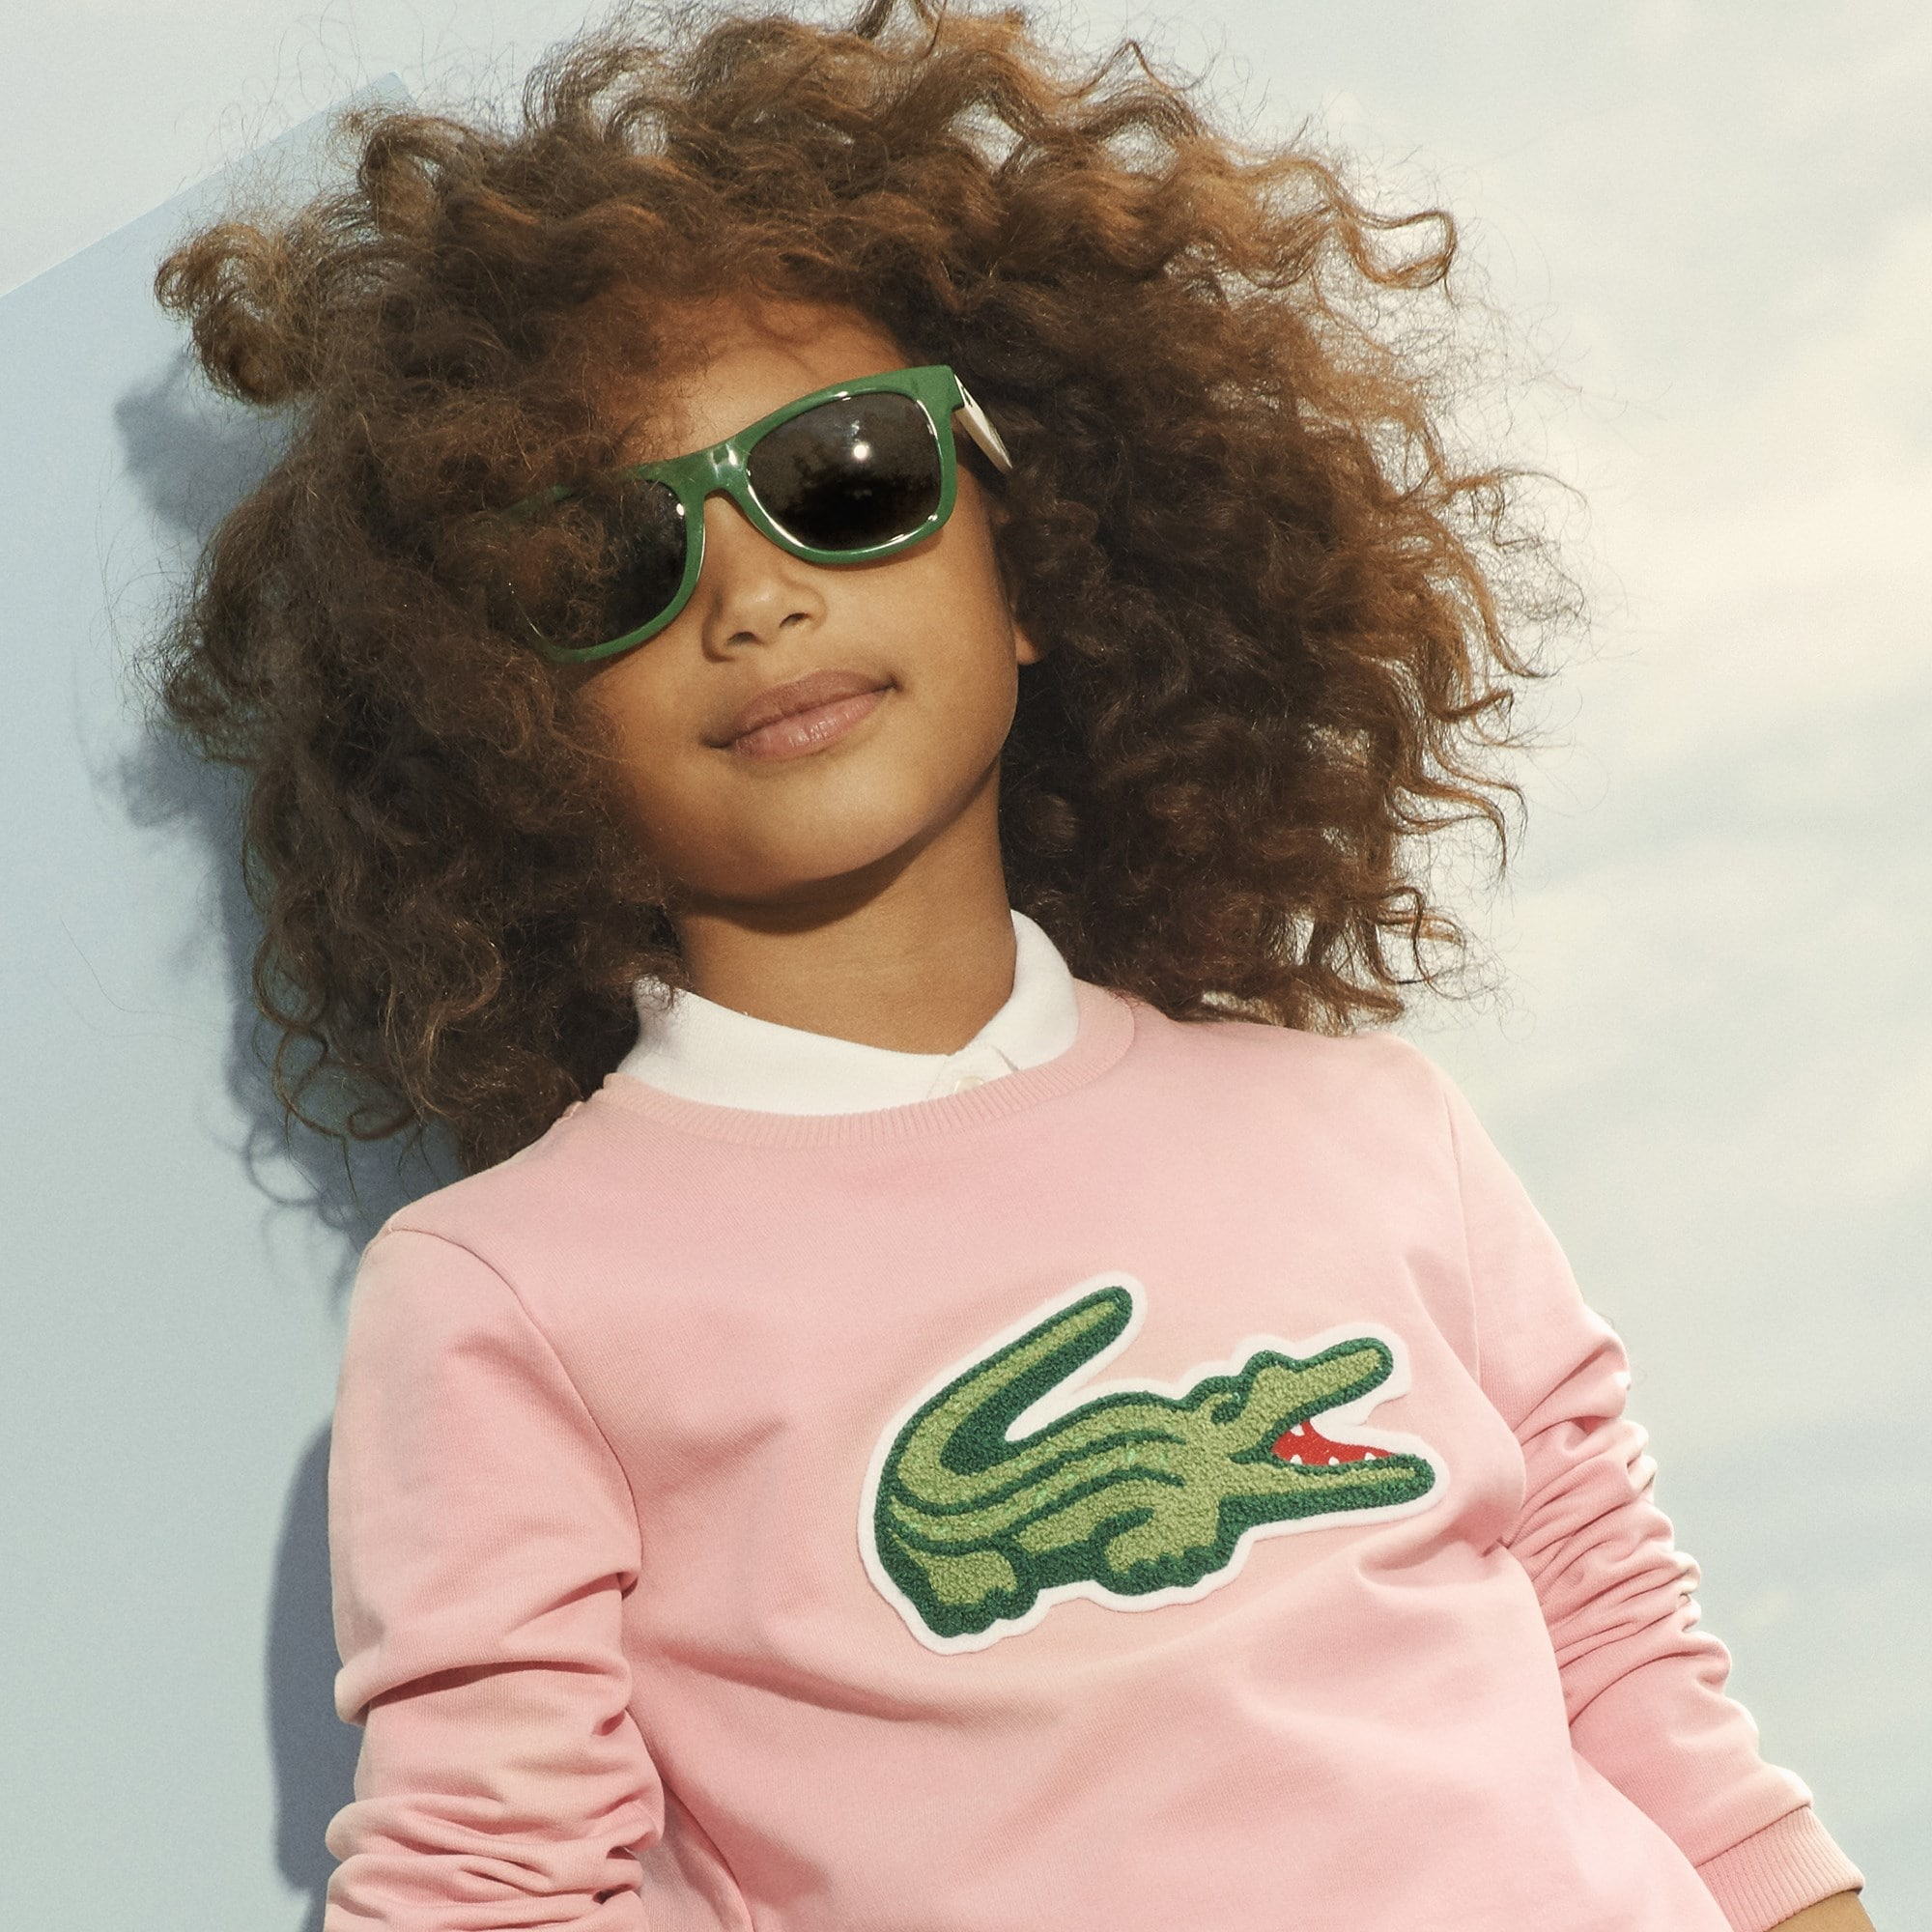 Mädchen-Sweatshirt aus Stretch-Fleece mit großem Krokodil